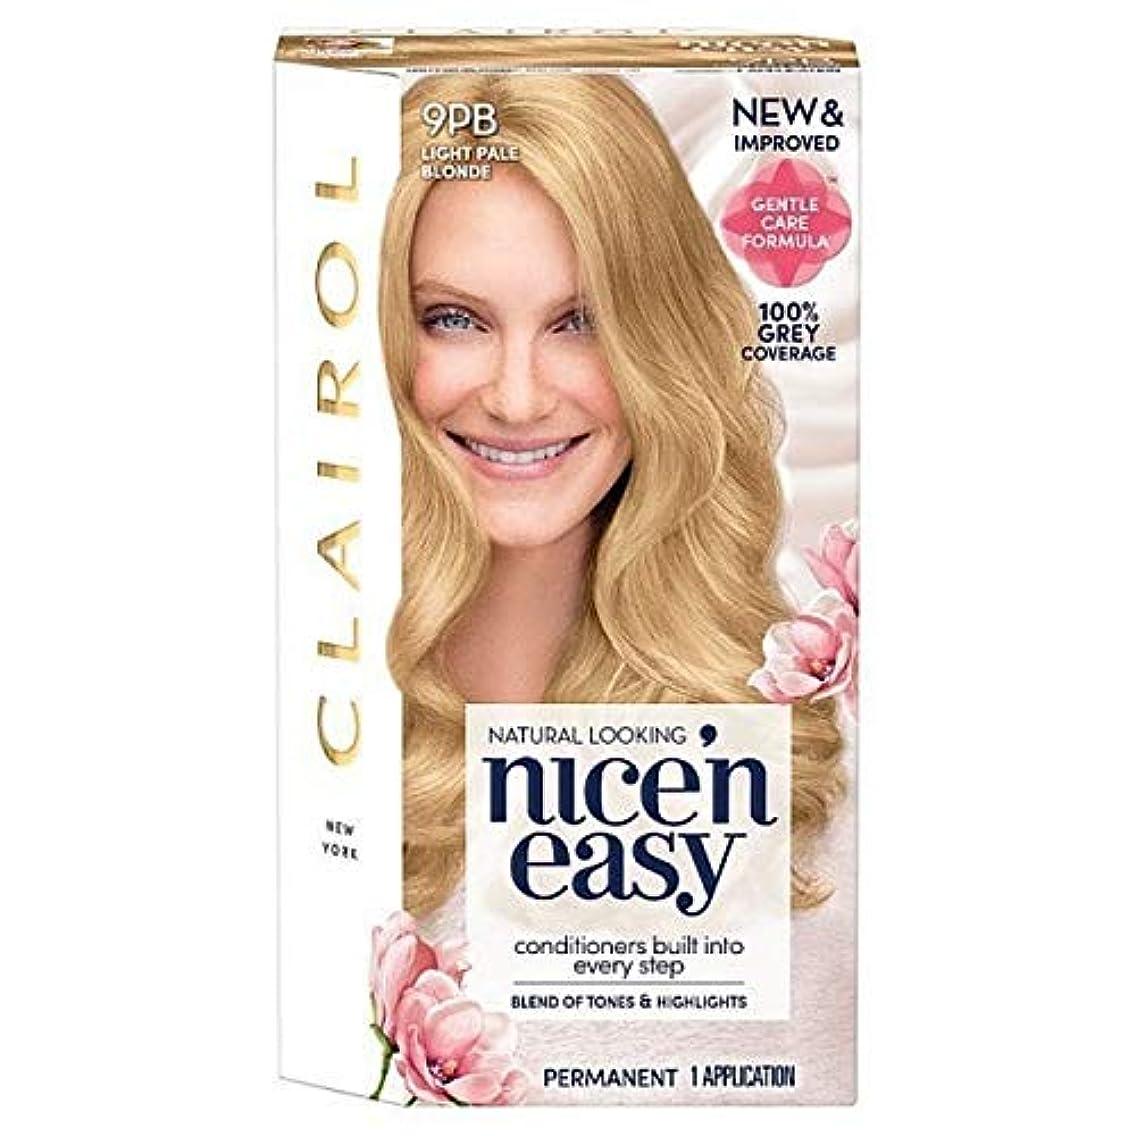 囲まれた上院施設[Nice'n Easy] Nice'N簡単9Pb光淡いブロンド - Nice'n Easy 9Pb Light Pale Blonde [並行輸入品]